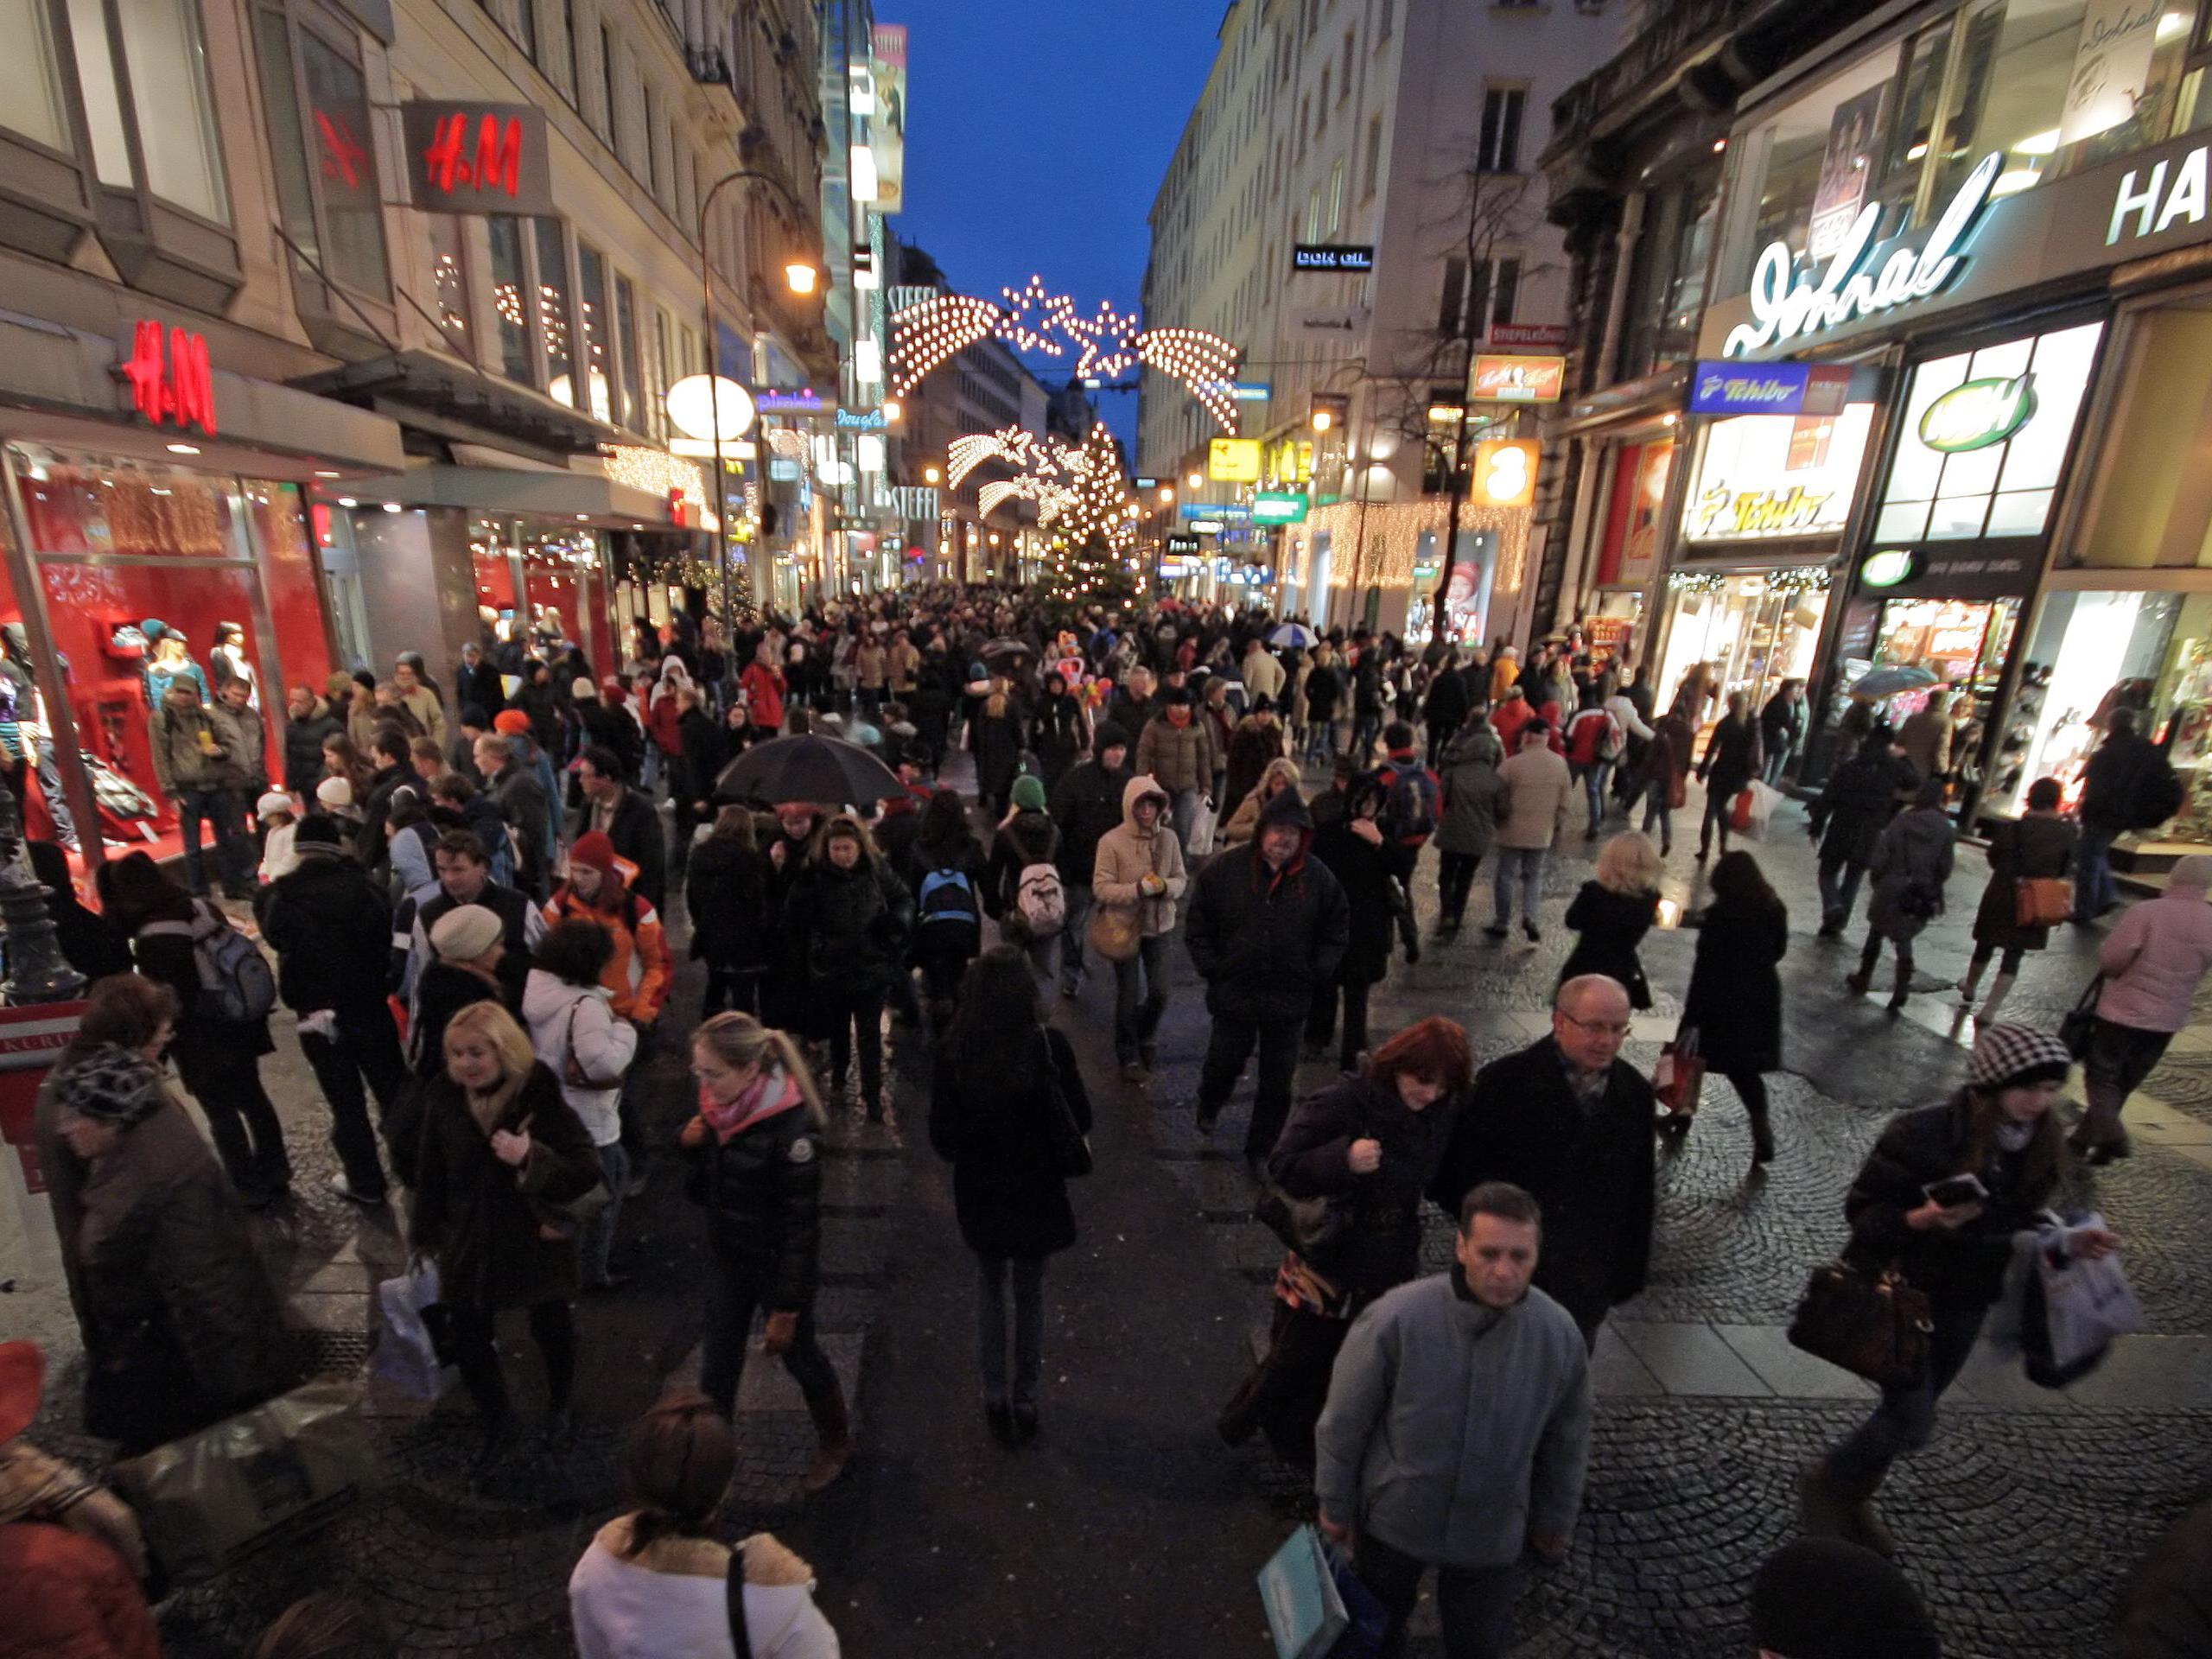 Ab 2022 drüfte Wien die Zwei-Millionen-Einwohner-Marke knacken.